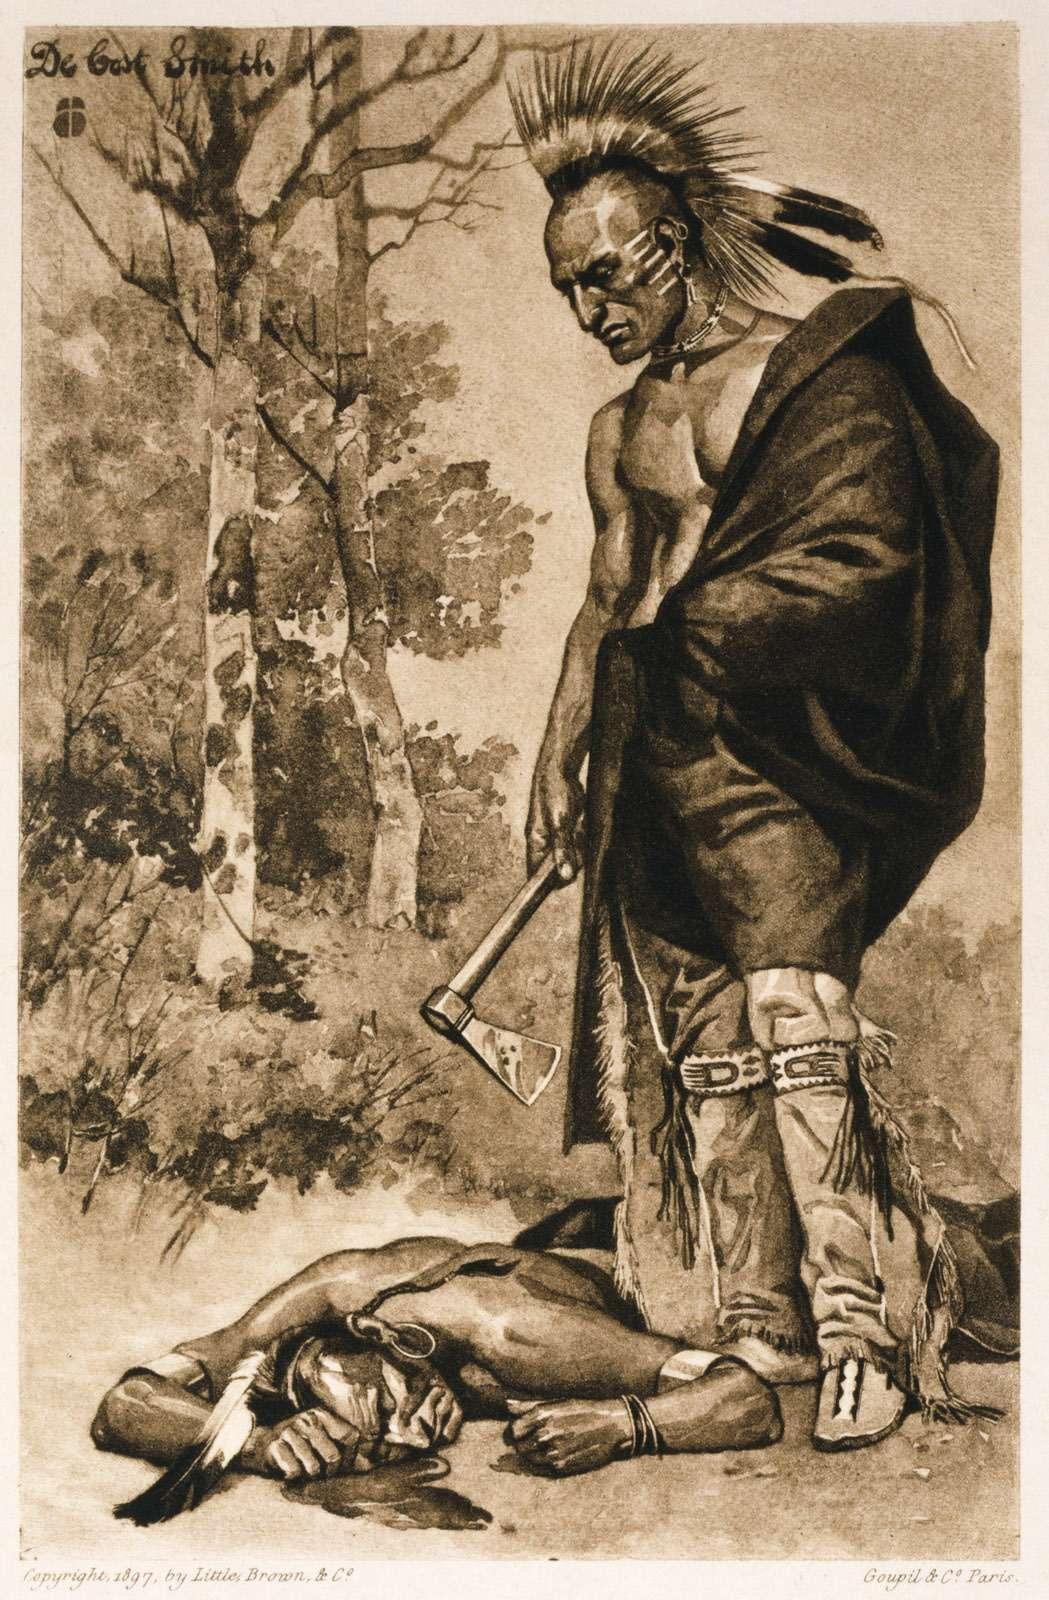 Смерть Понтиака. Сработы ДеКост Смита, 1897 года. Library ofCongress